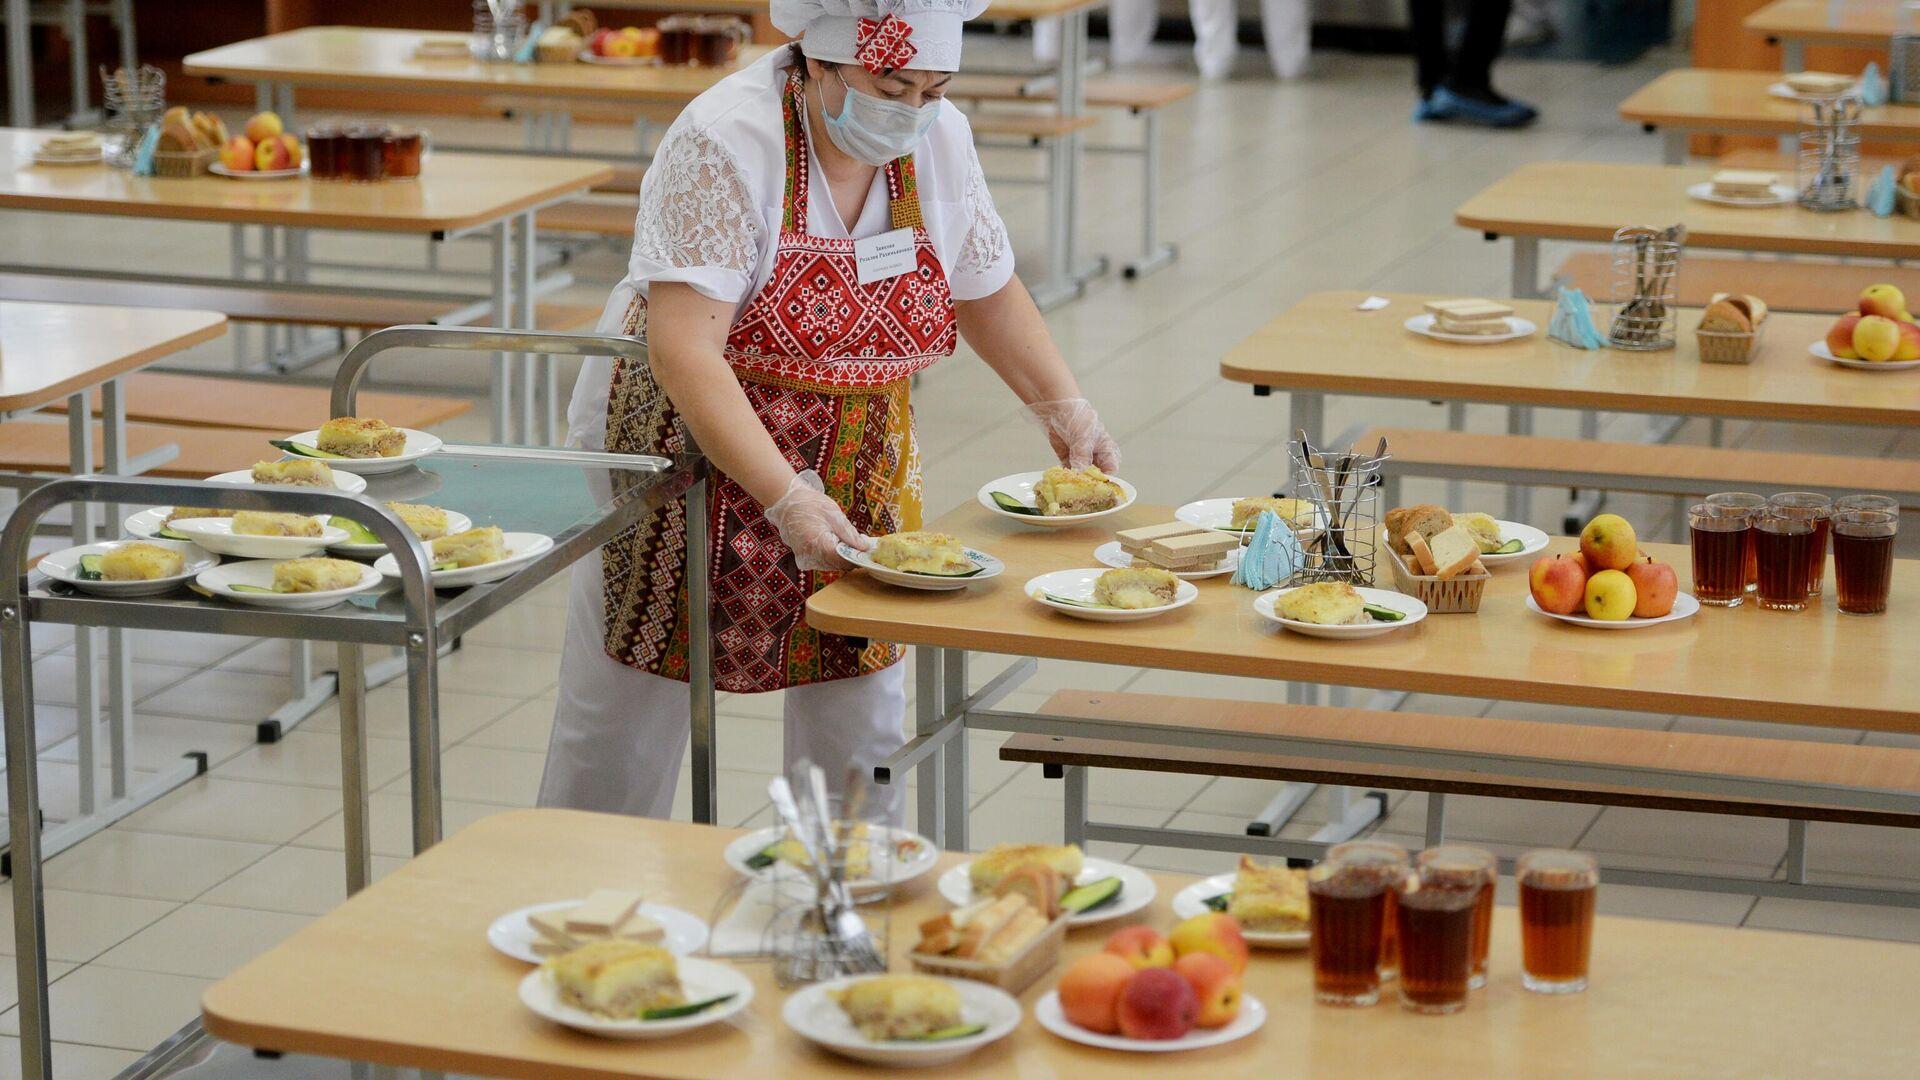 Работница школьной столовой разносит тарелки с едой к обеду учеников - РИА Новости, 1920, 03.03.2021